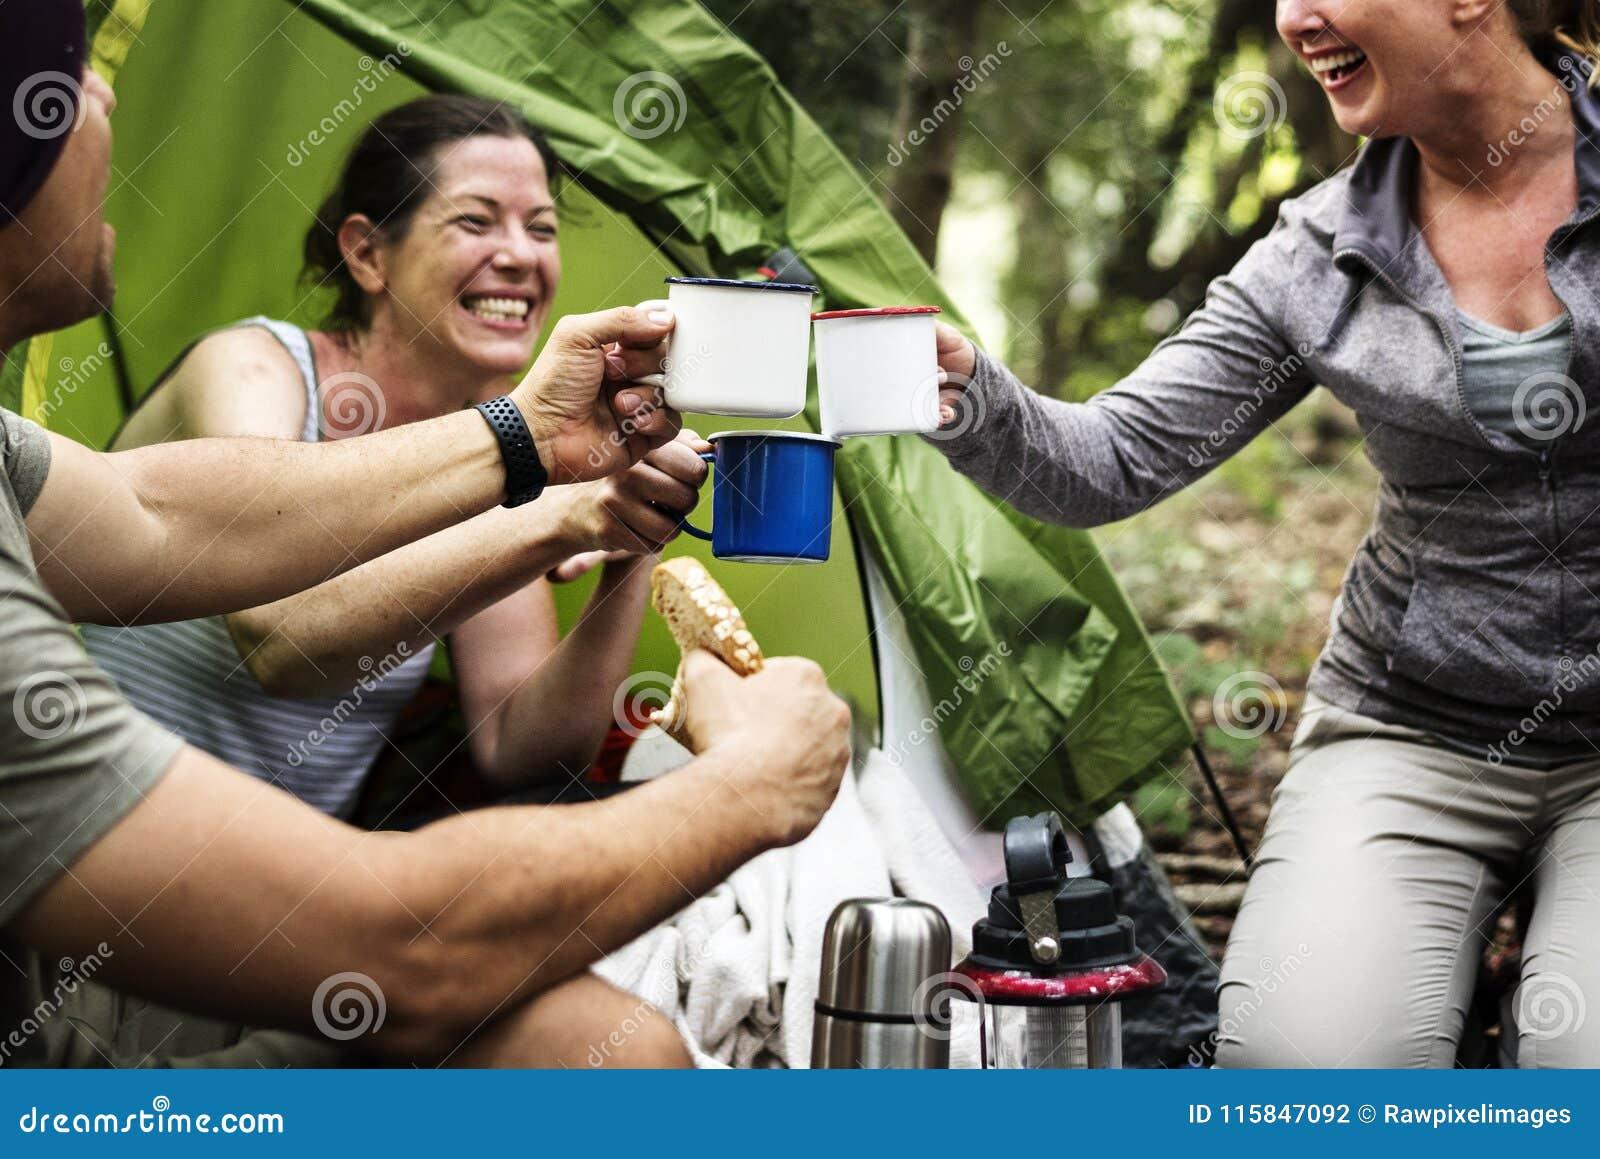 Groep vrienden die in het bos kamperen